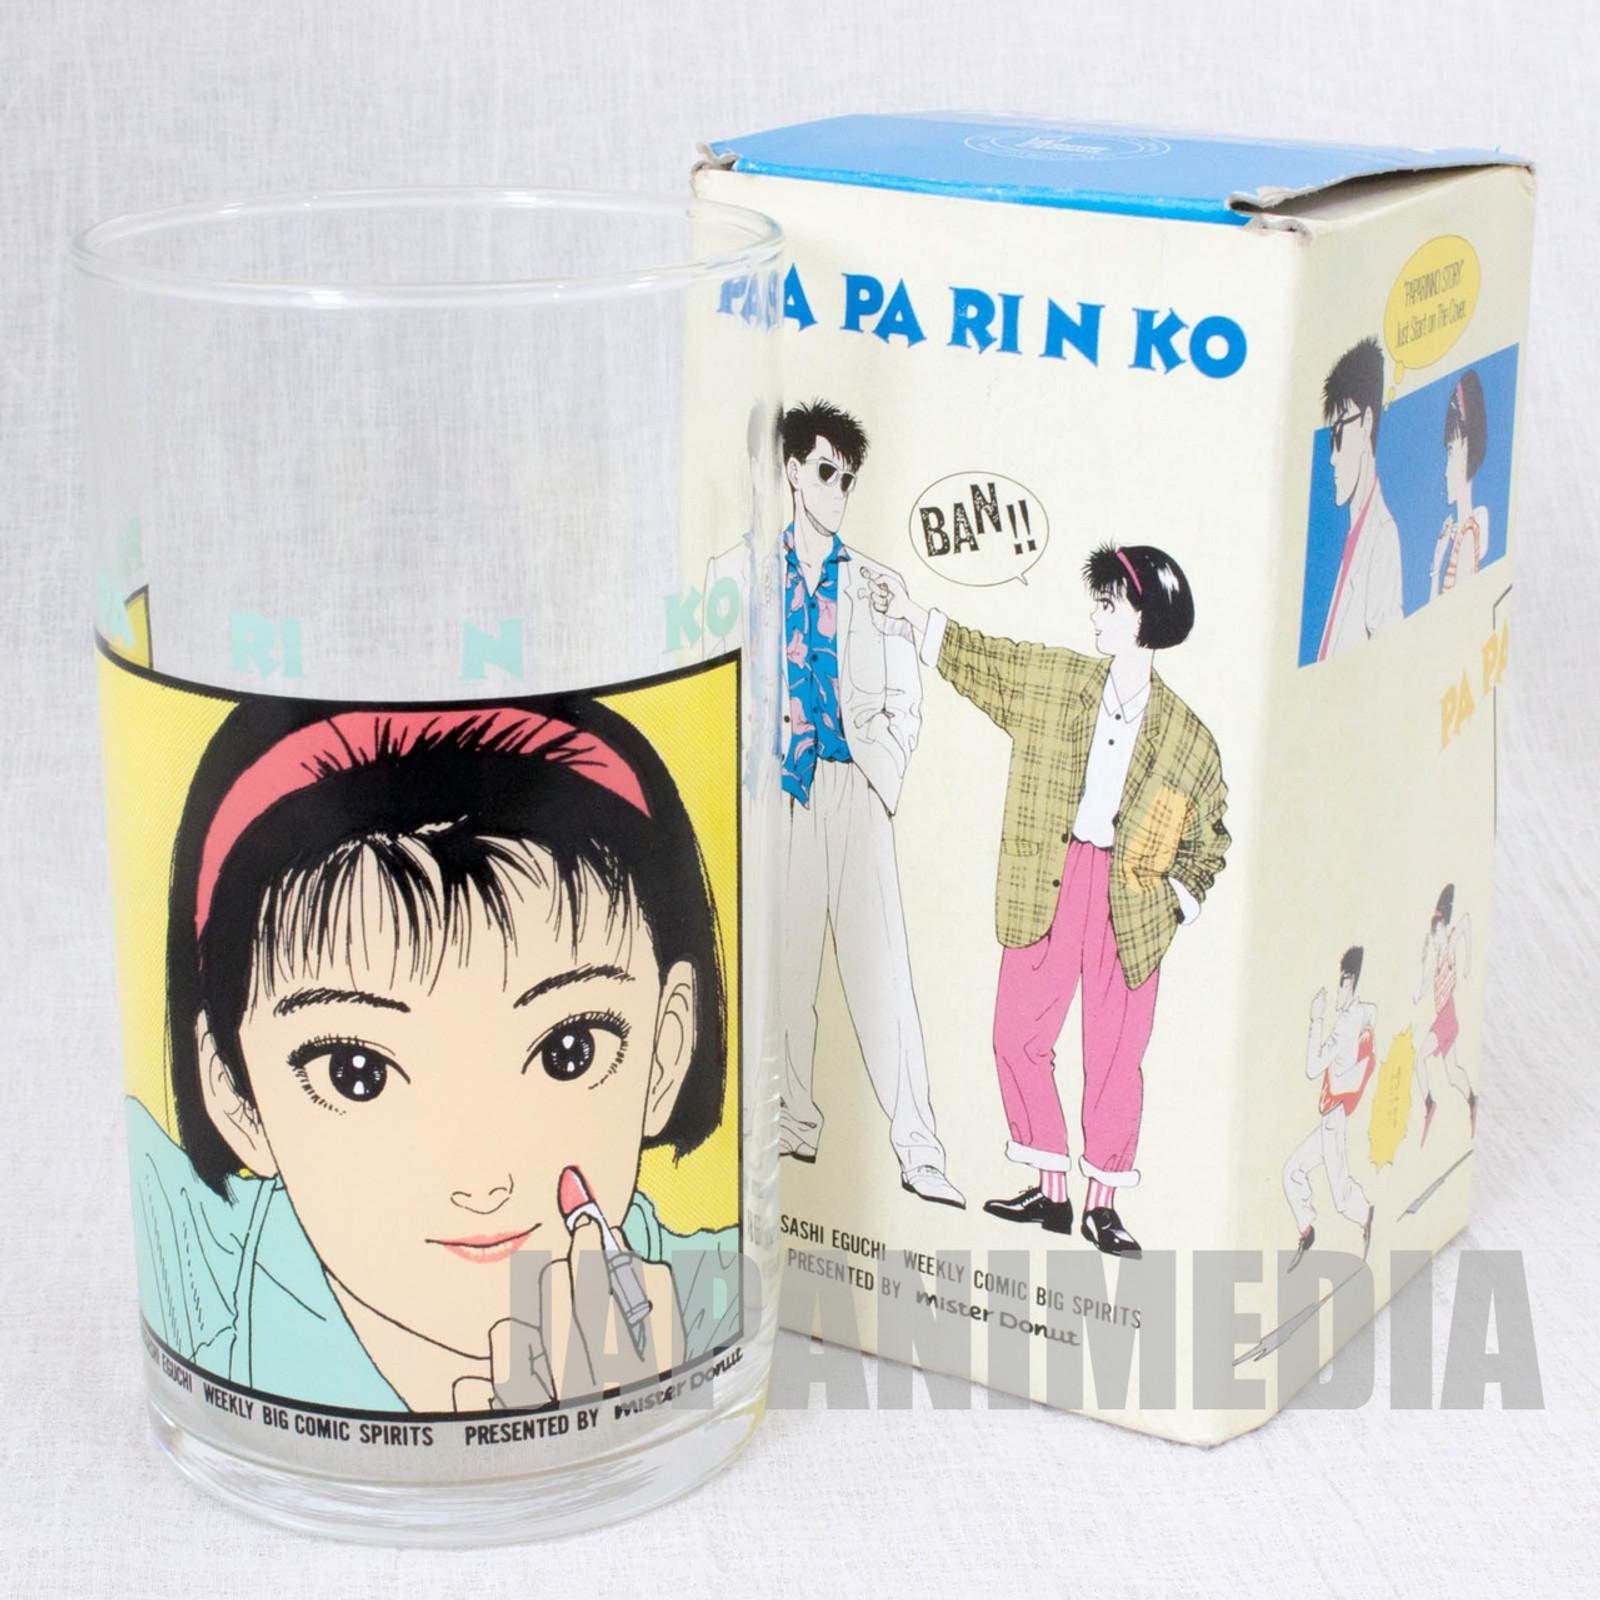 Retro RARE! PAPARINKO Glass Hisahi Eguchi Mister Donut JAPAN ANIME MANGA 3